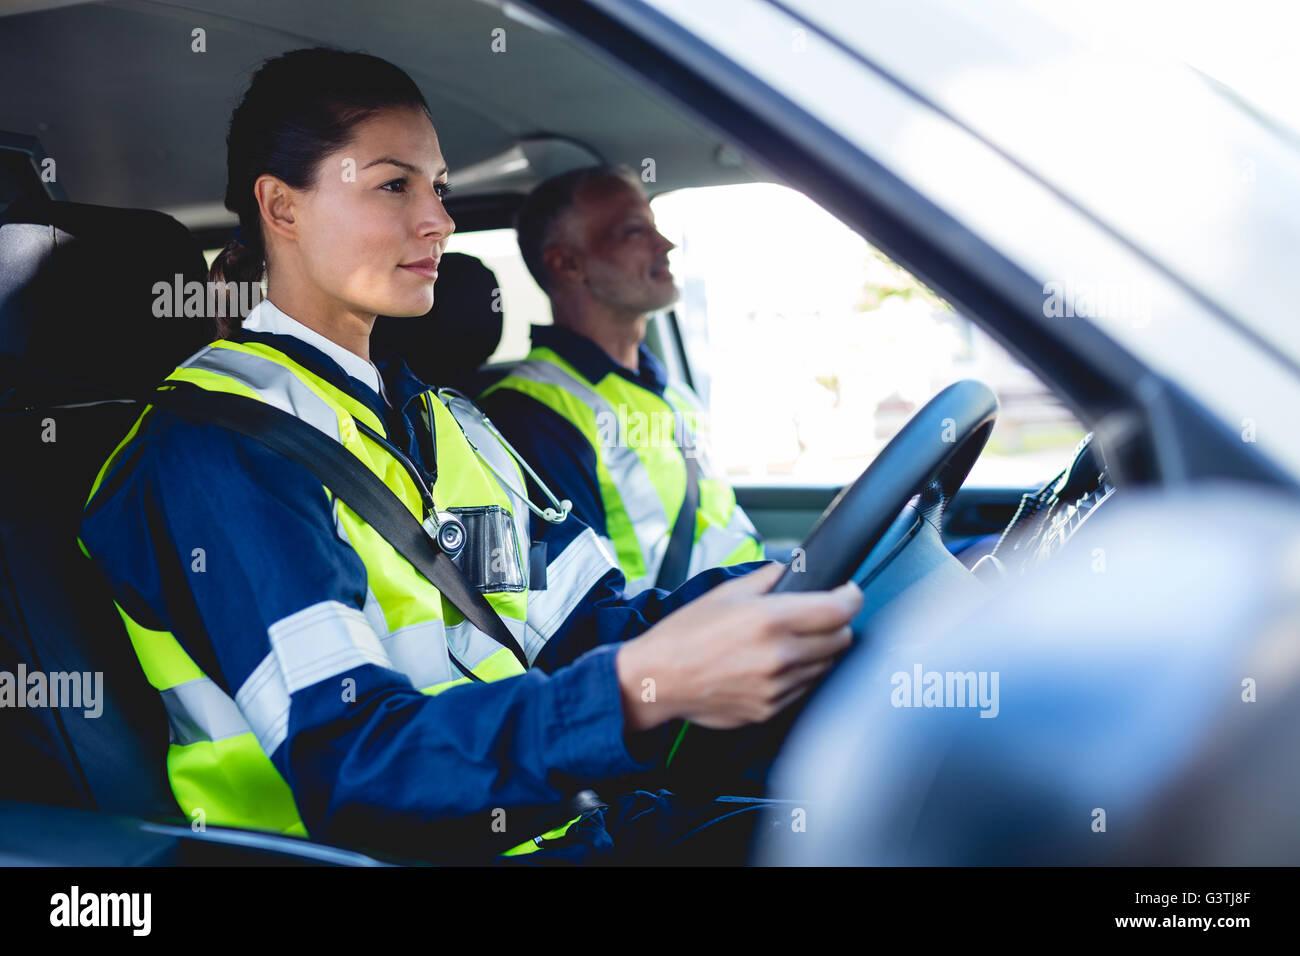 Ambulancewoman driving ambulance car - Stock Image